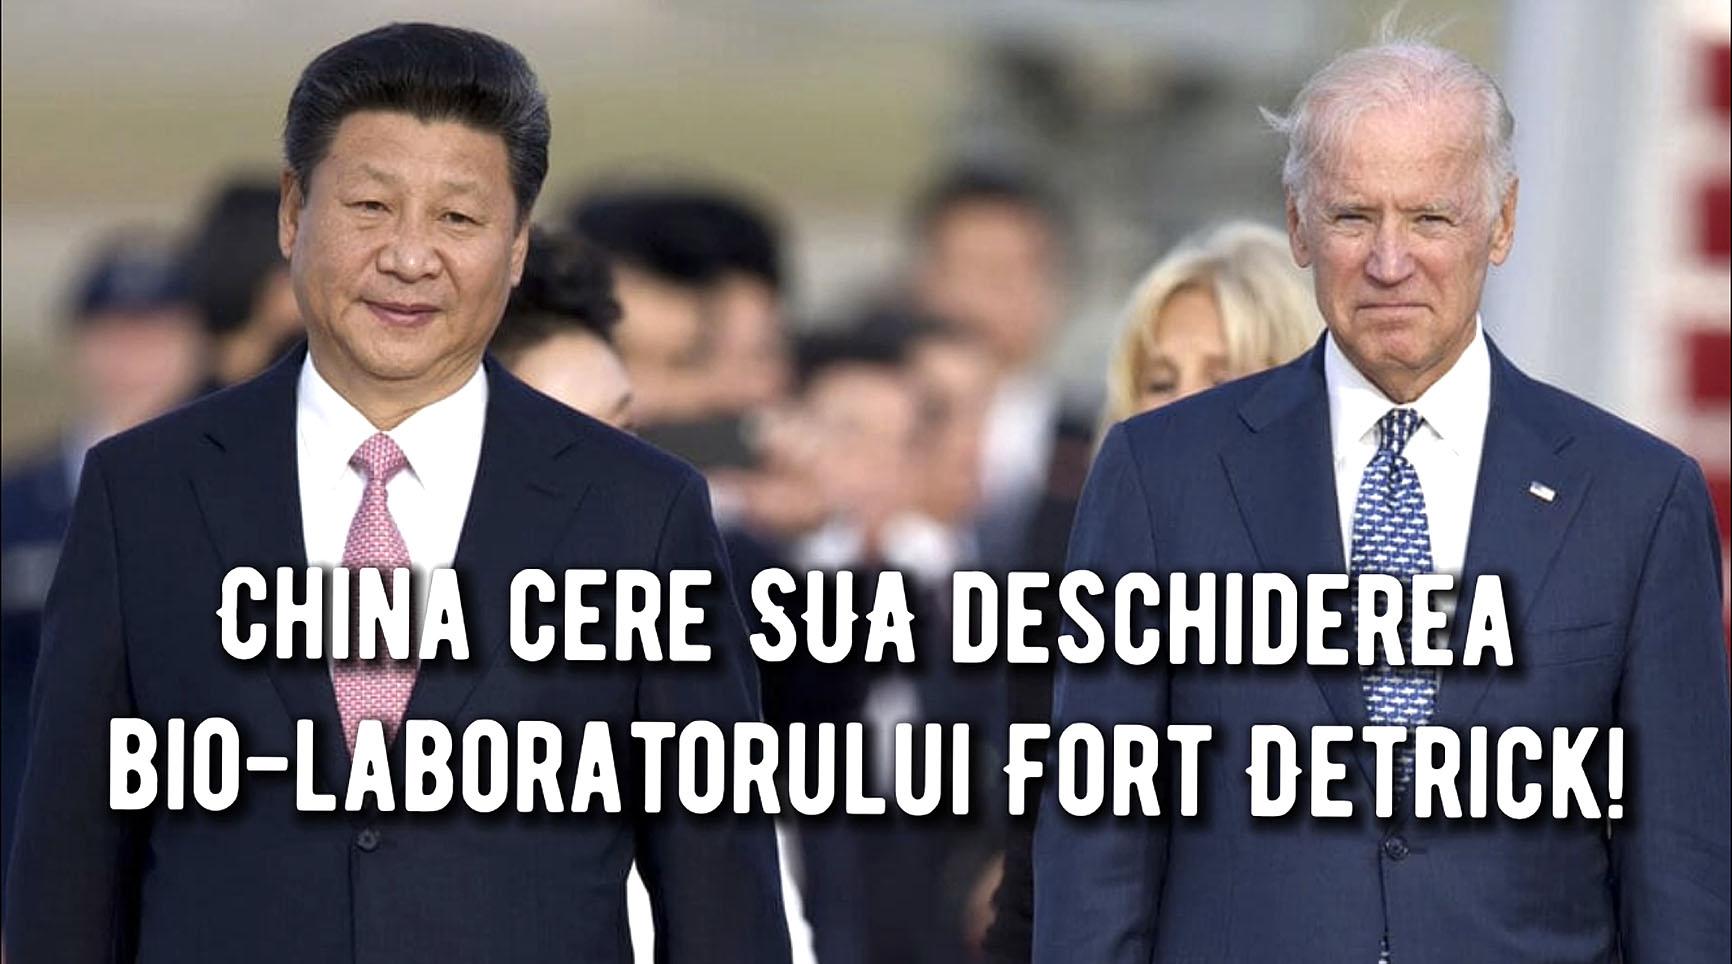 https://i1.wp.com/dantomozei.ro/wp-content/uploads/2021/05/China-cere-SUA-deschiderea-Fort-Detrick.jpg